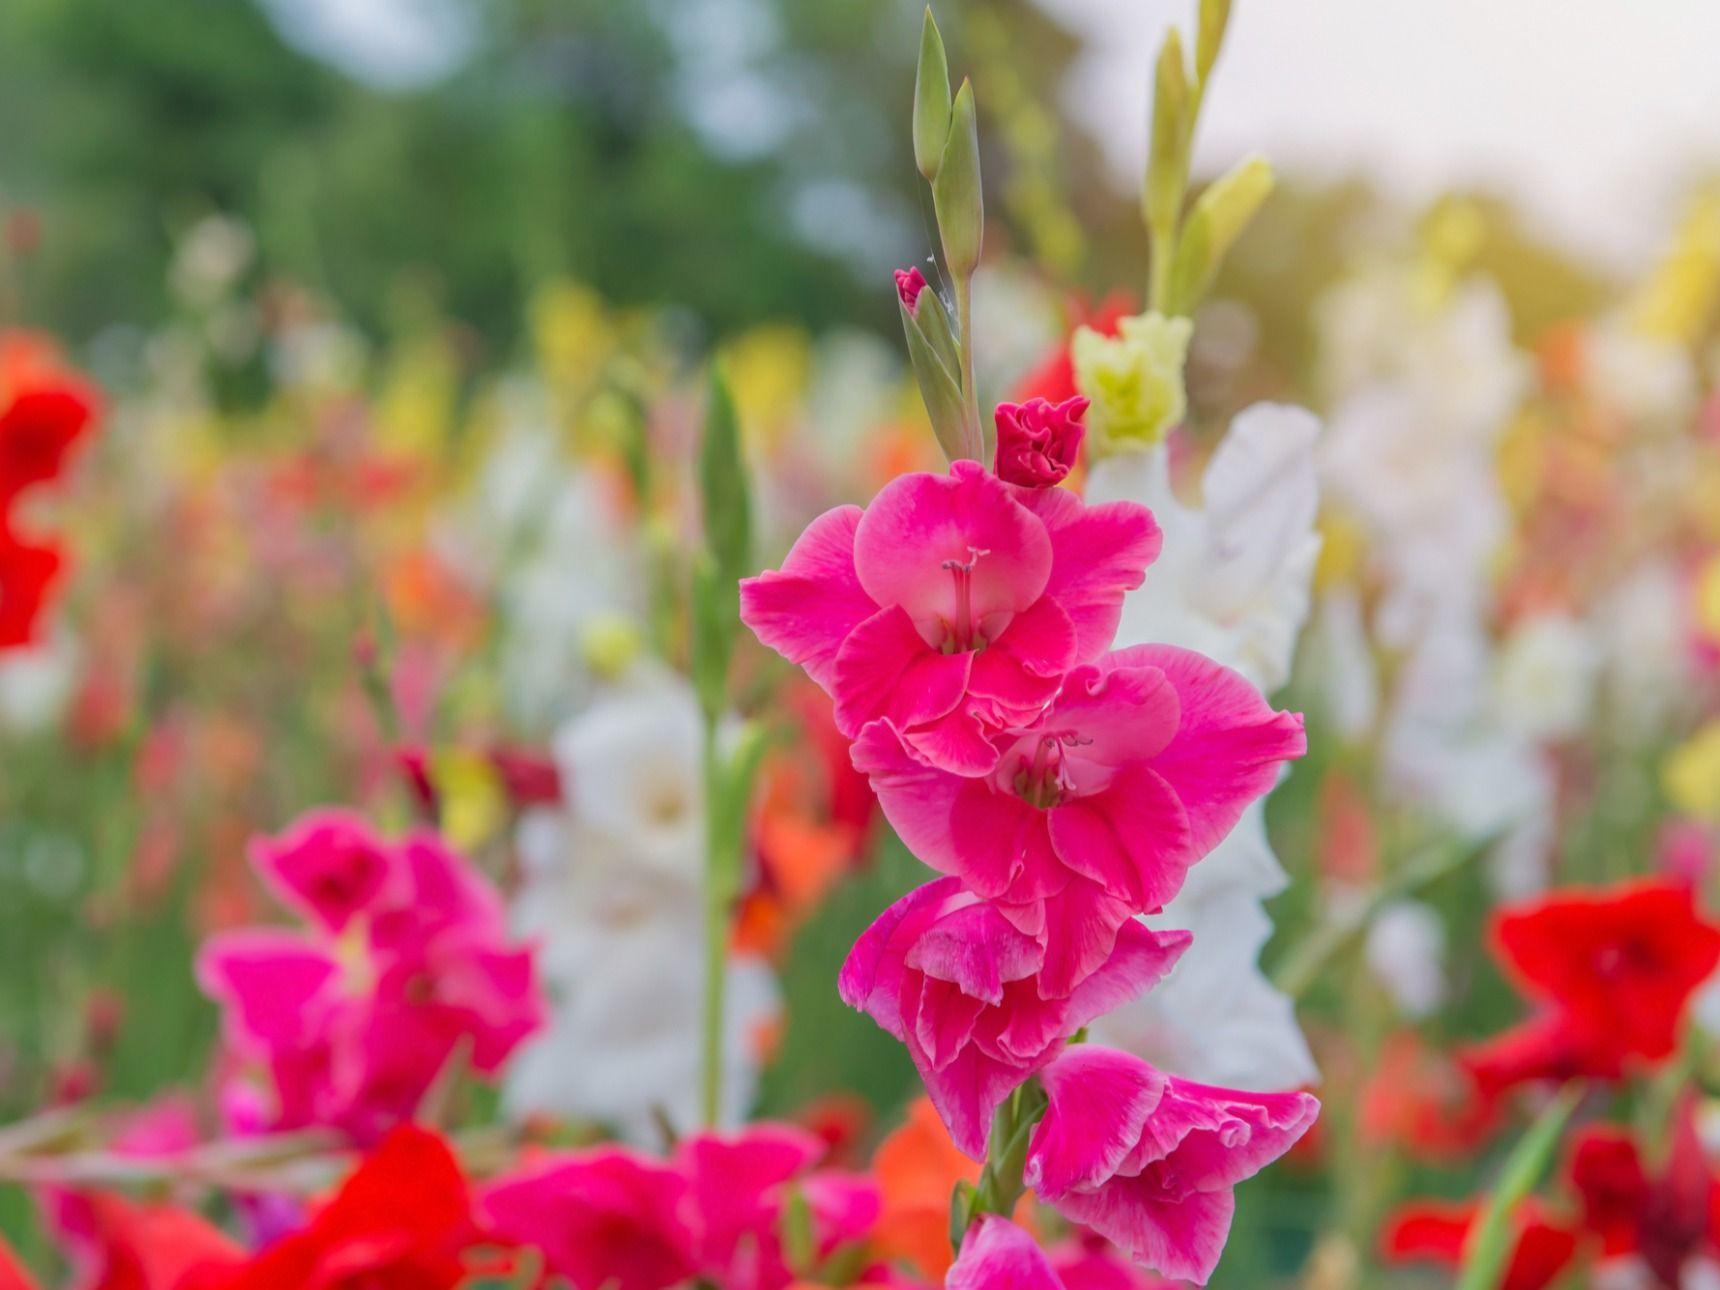 グラジオラスの育て方。コツとお手入れ、植え替えや寄せ植えを一挙紹介 ...